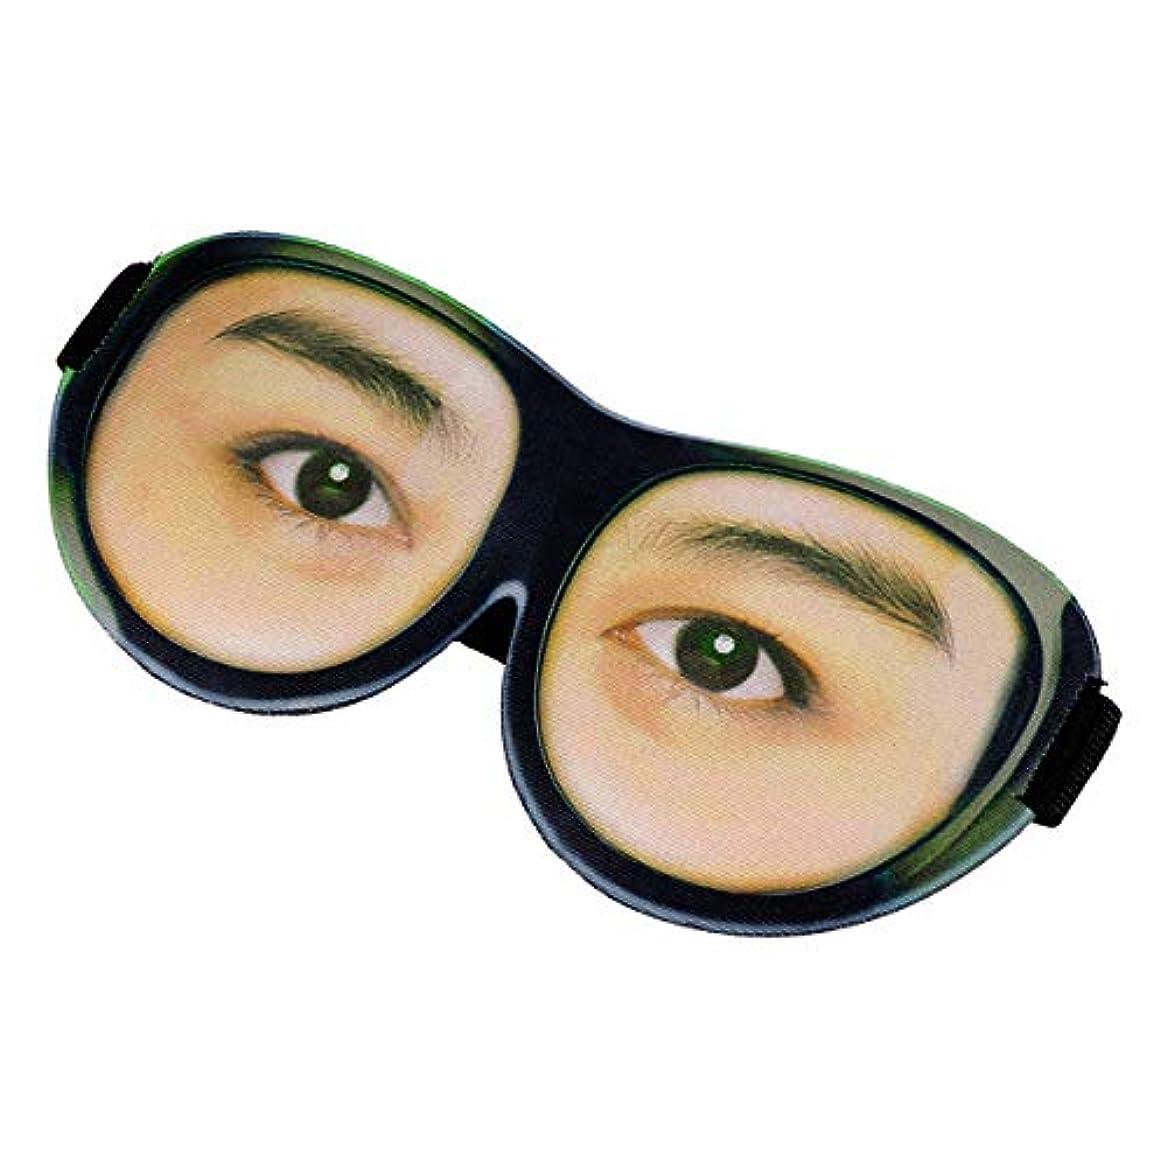 失大脳一時解雇するBeaupretty 睡眠マスクメガネ面白い3D調節可能ストラップ付きアイマスクアイシェード睡眠用アイシェード